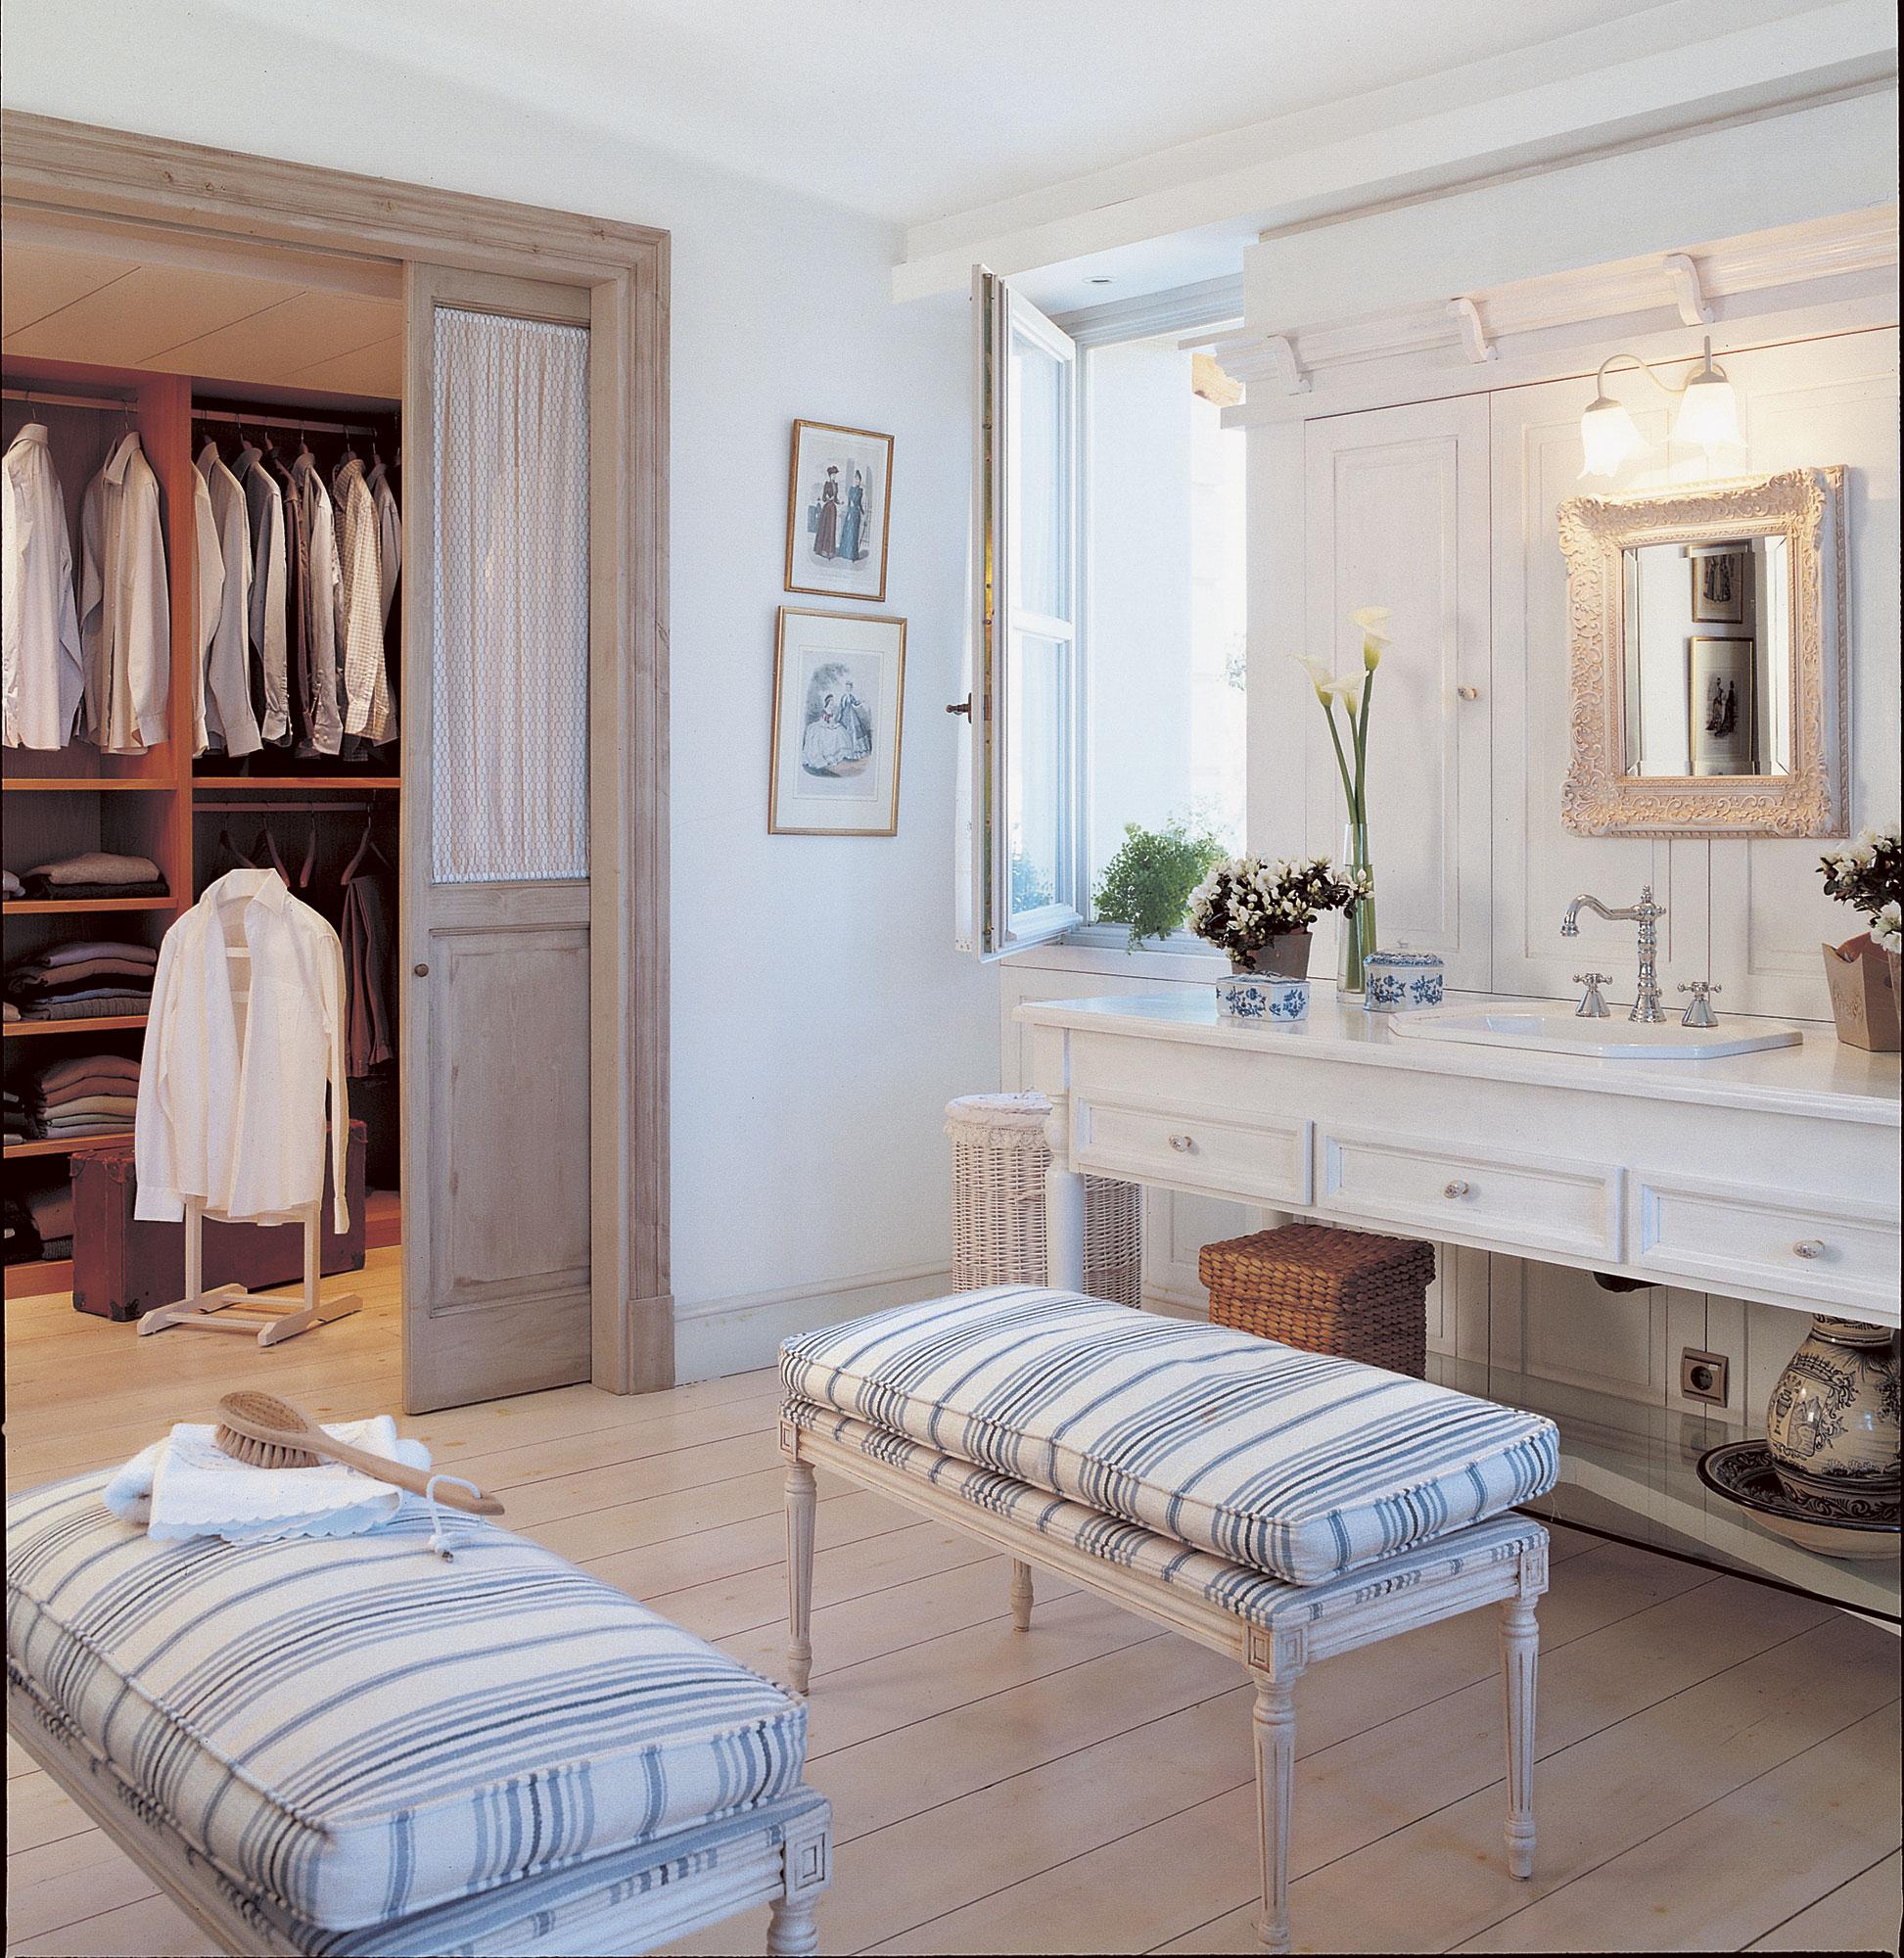 Instala una puerta corredera en casa y gana 1 5 m2 reales - Puerta corredera bano ...